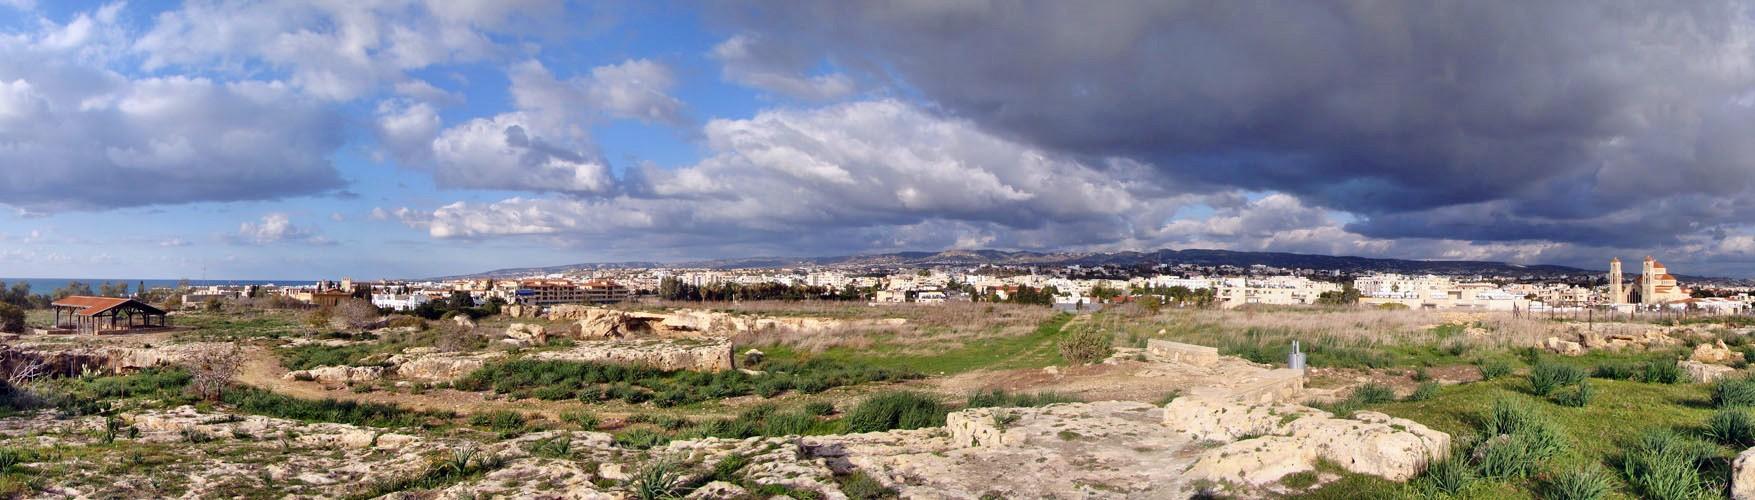 Кипр в ноябре. панорама